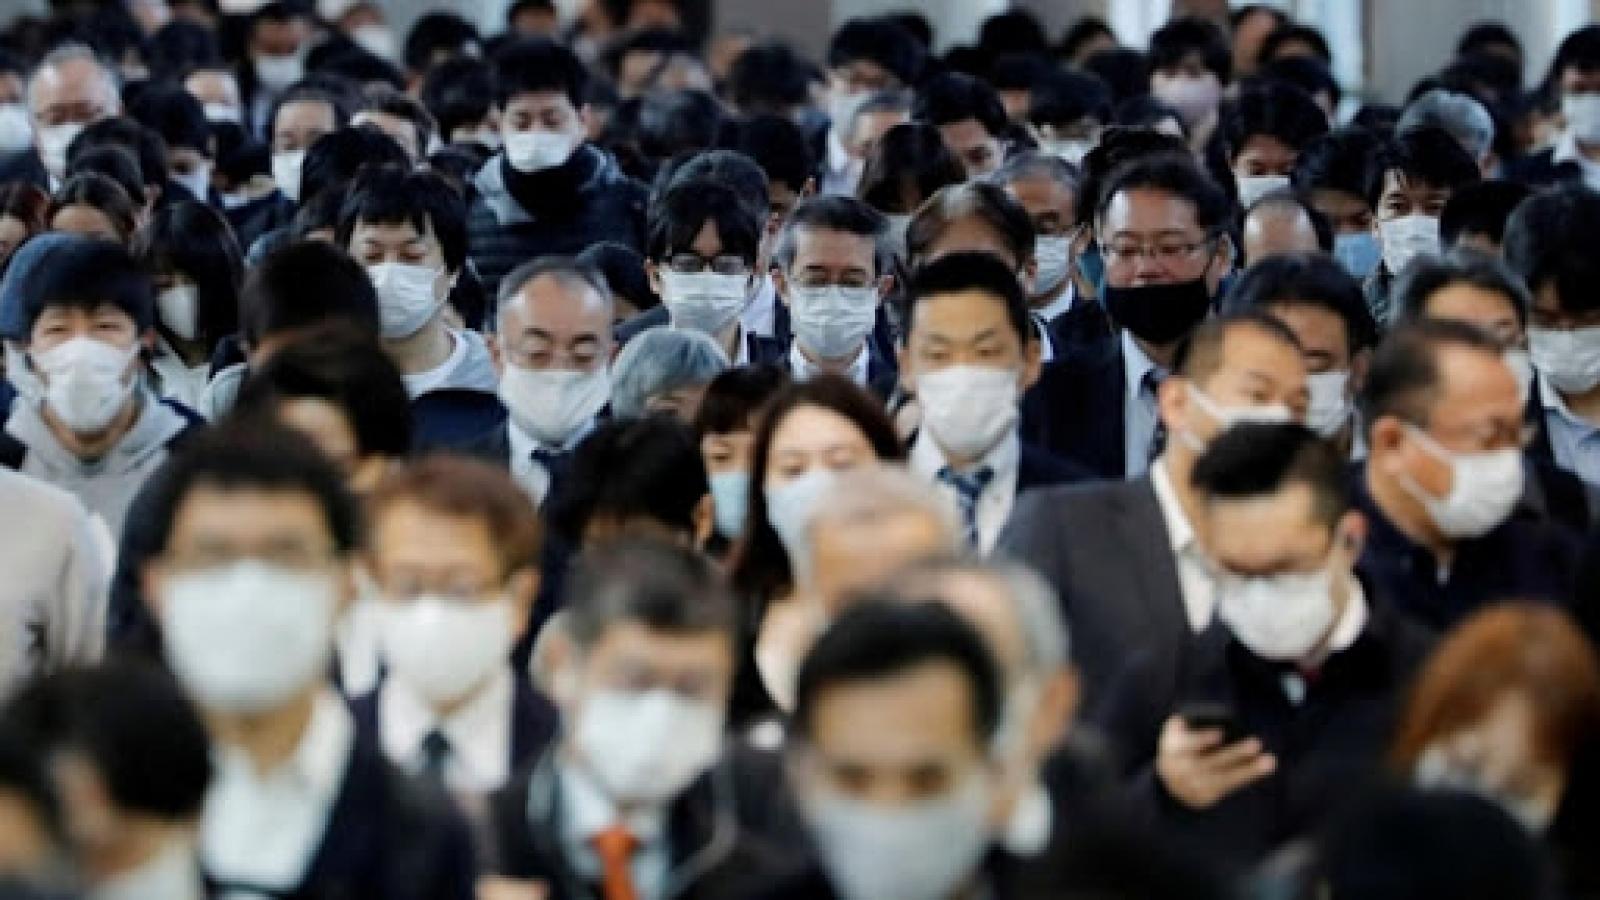 Nhật Bản xem xét tuyên bố tình trạng khẩn cấp ở khu vực Tokyo vì Covid-19